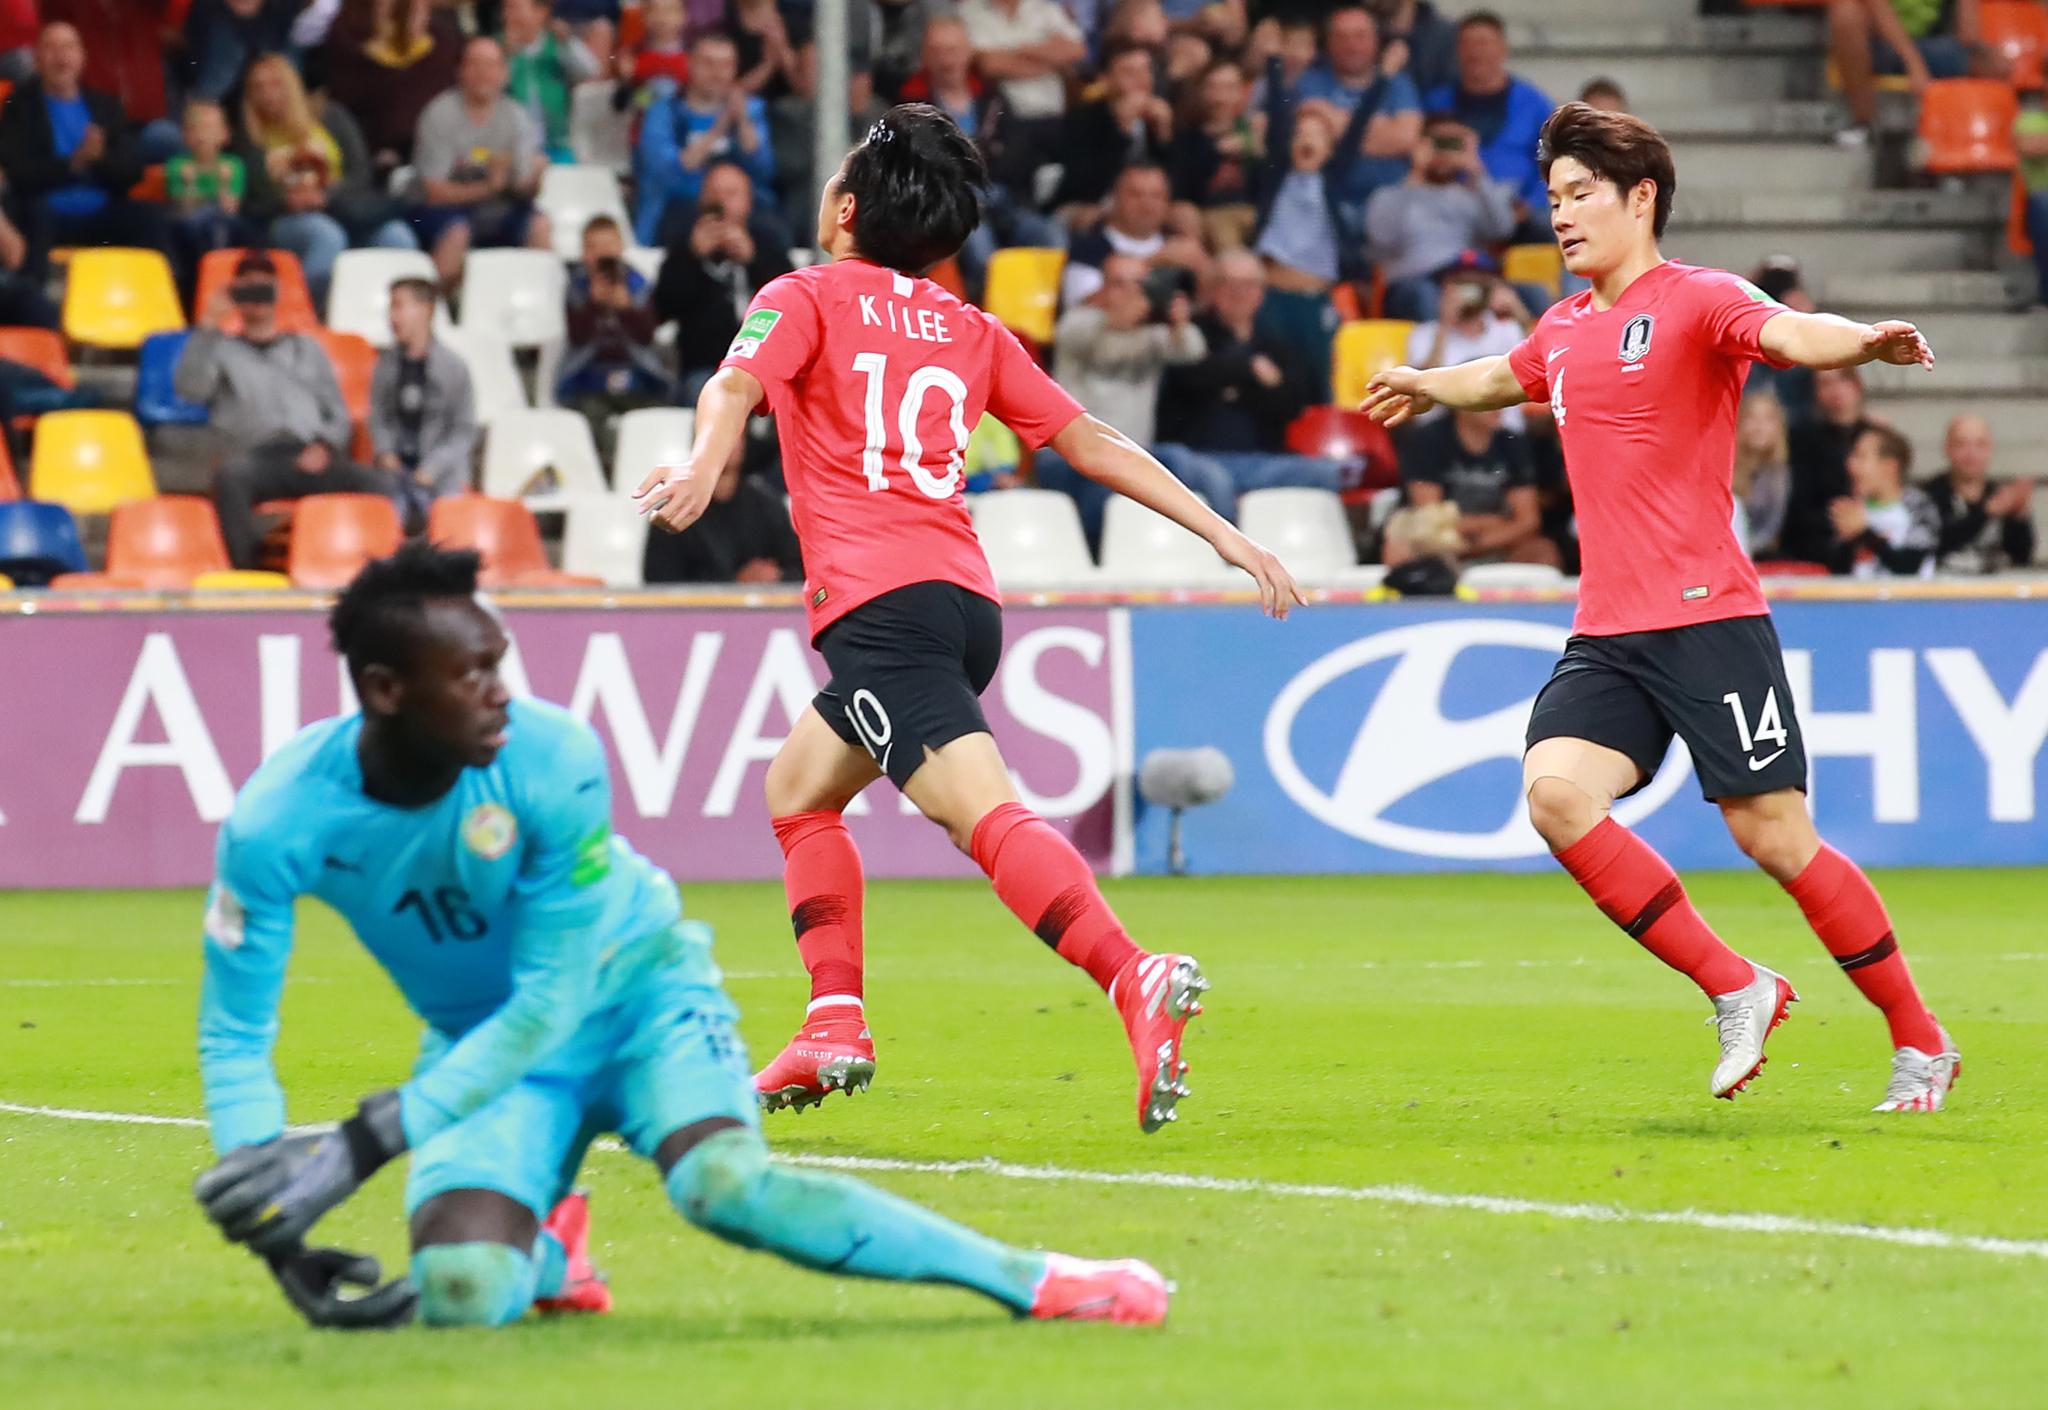 9일 폴란드 비엘스코 비아와 경기장에서 열린 2019 FIFA U-20 월드컵 8강 한국과 세네갈전의 경기.   후반 한국 이강인이 VAR로 얻어낸 패널티킥을 골로 연결한 뒤 달리고 있다. [연합뉴스]